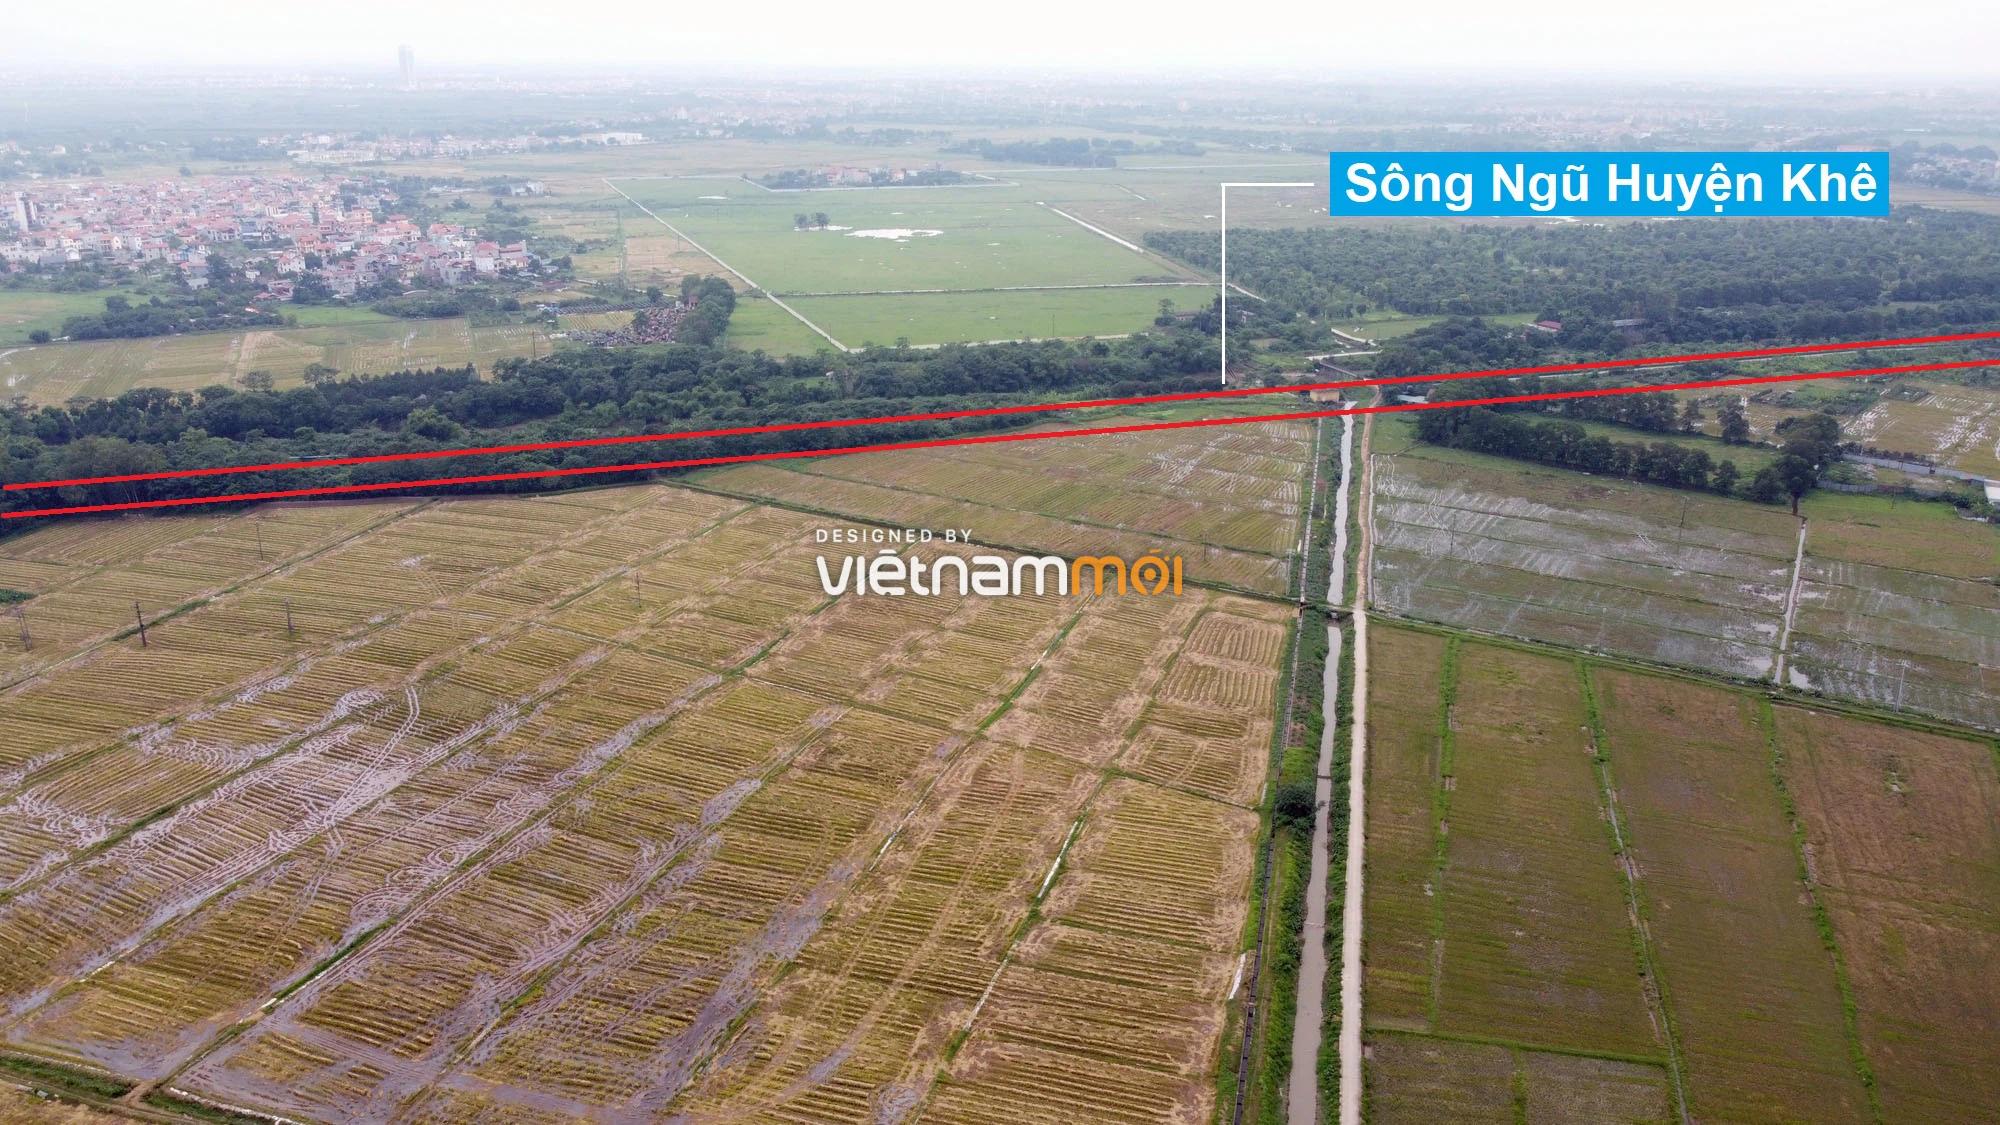 Đường sẽ mở theo quy hoạch ở xã Đông Hội, Đông Anh, Hà Nội (phần 3) - Ảnh 3.